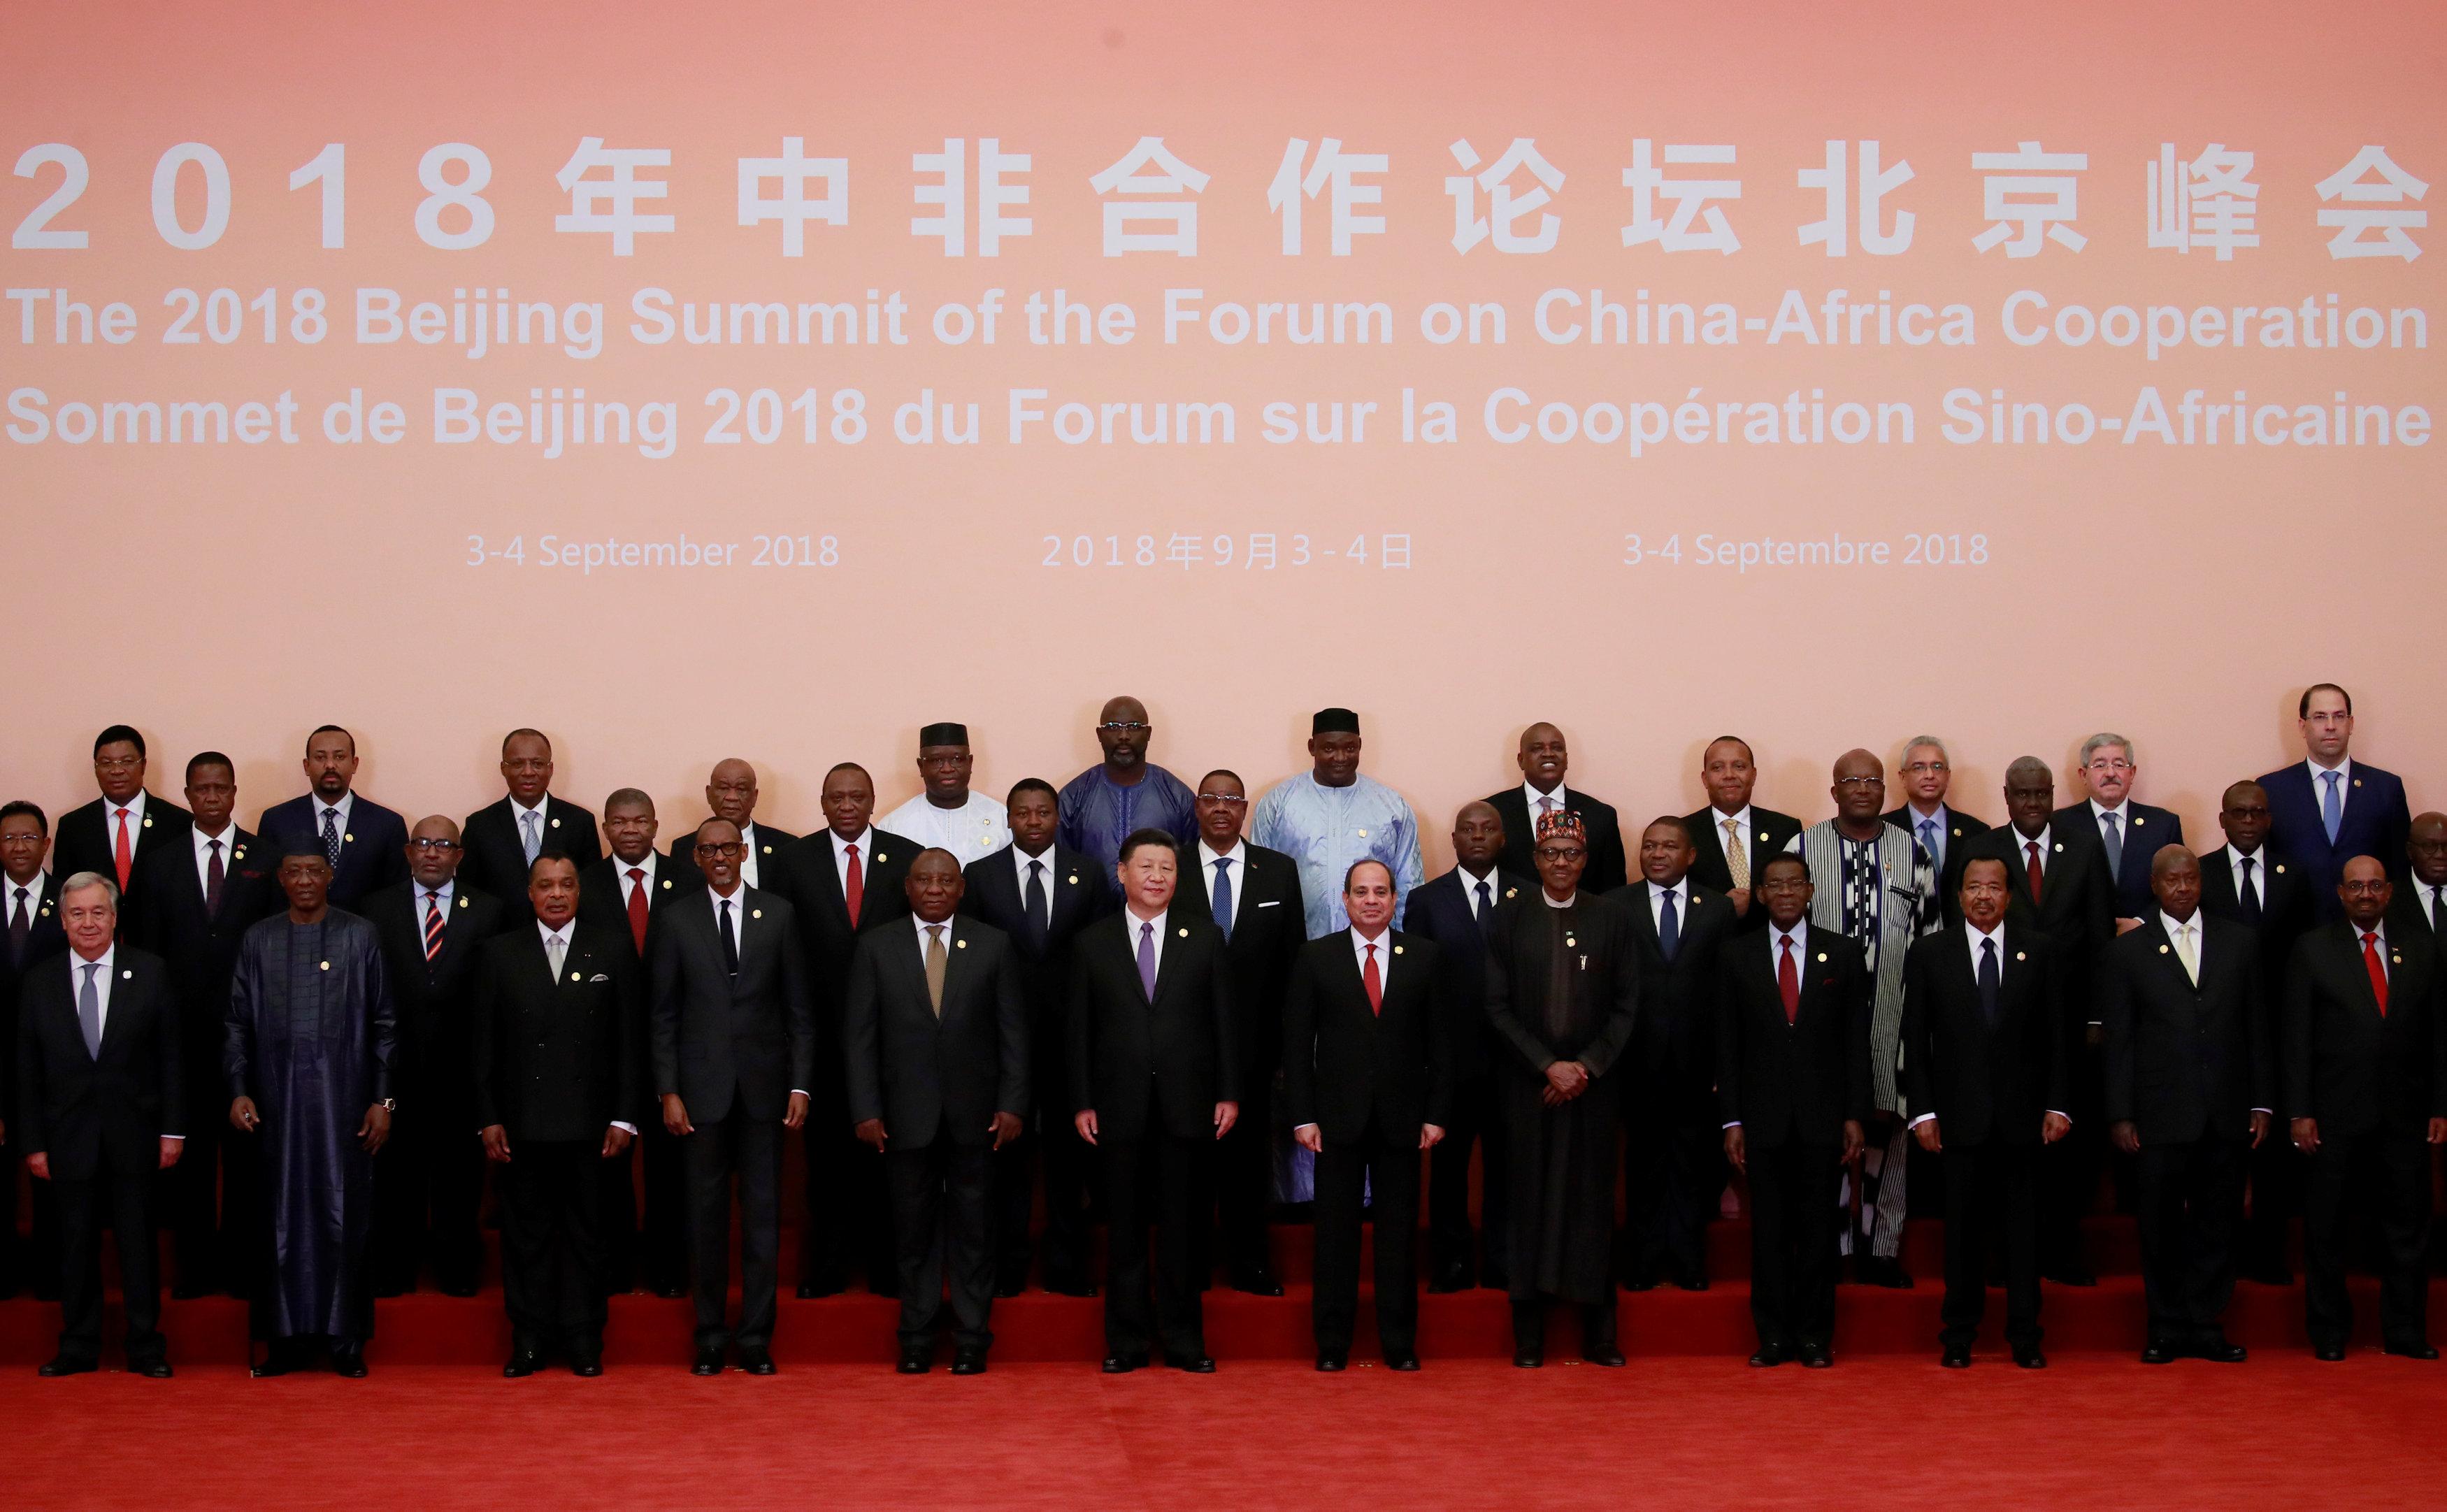 صورة تذكارية لزعماء قمة الصين أفريقيا